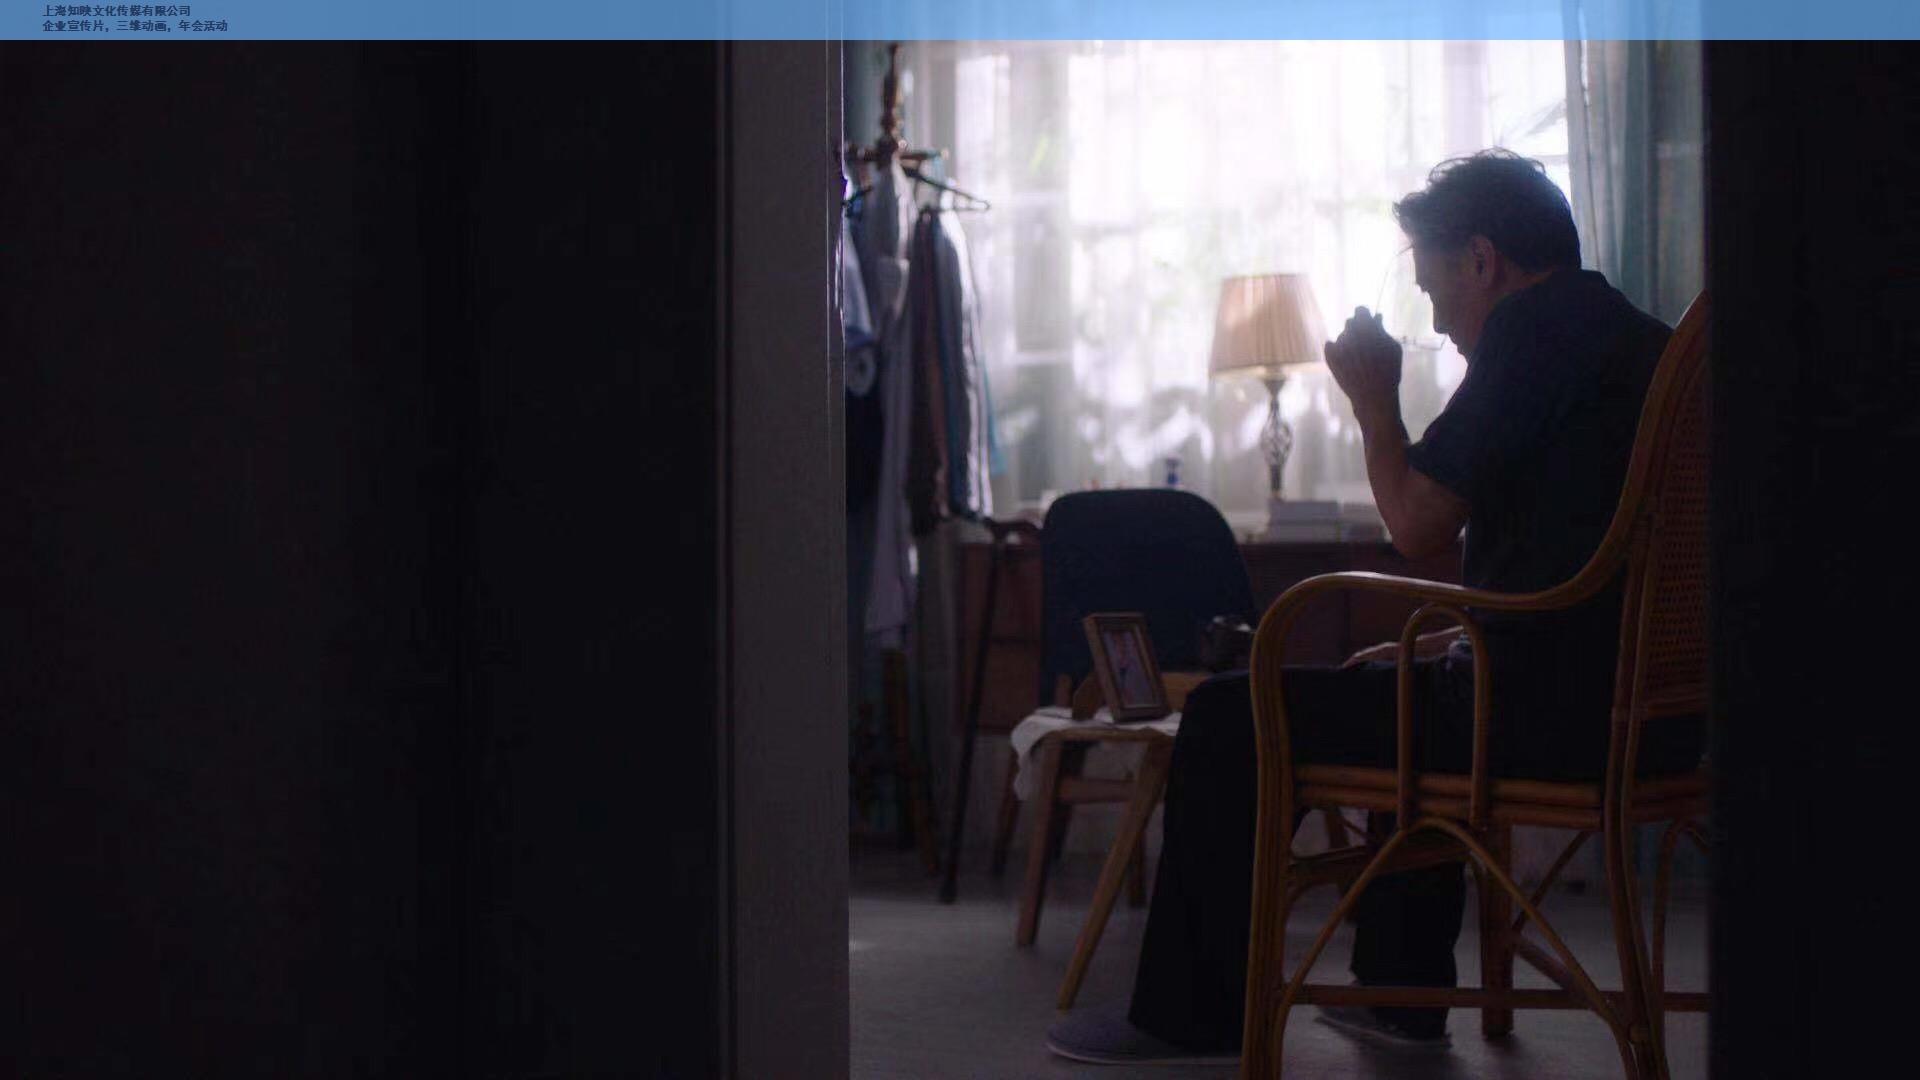 上海視頻制作 值得信賴 上海知映文化傳媒供應